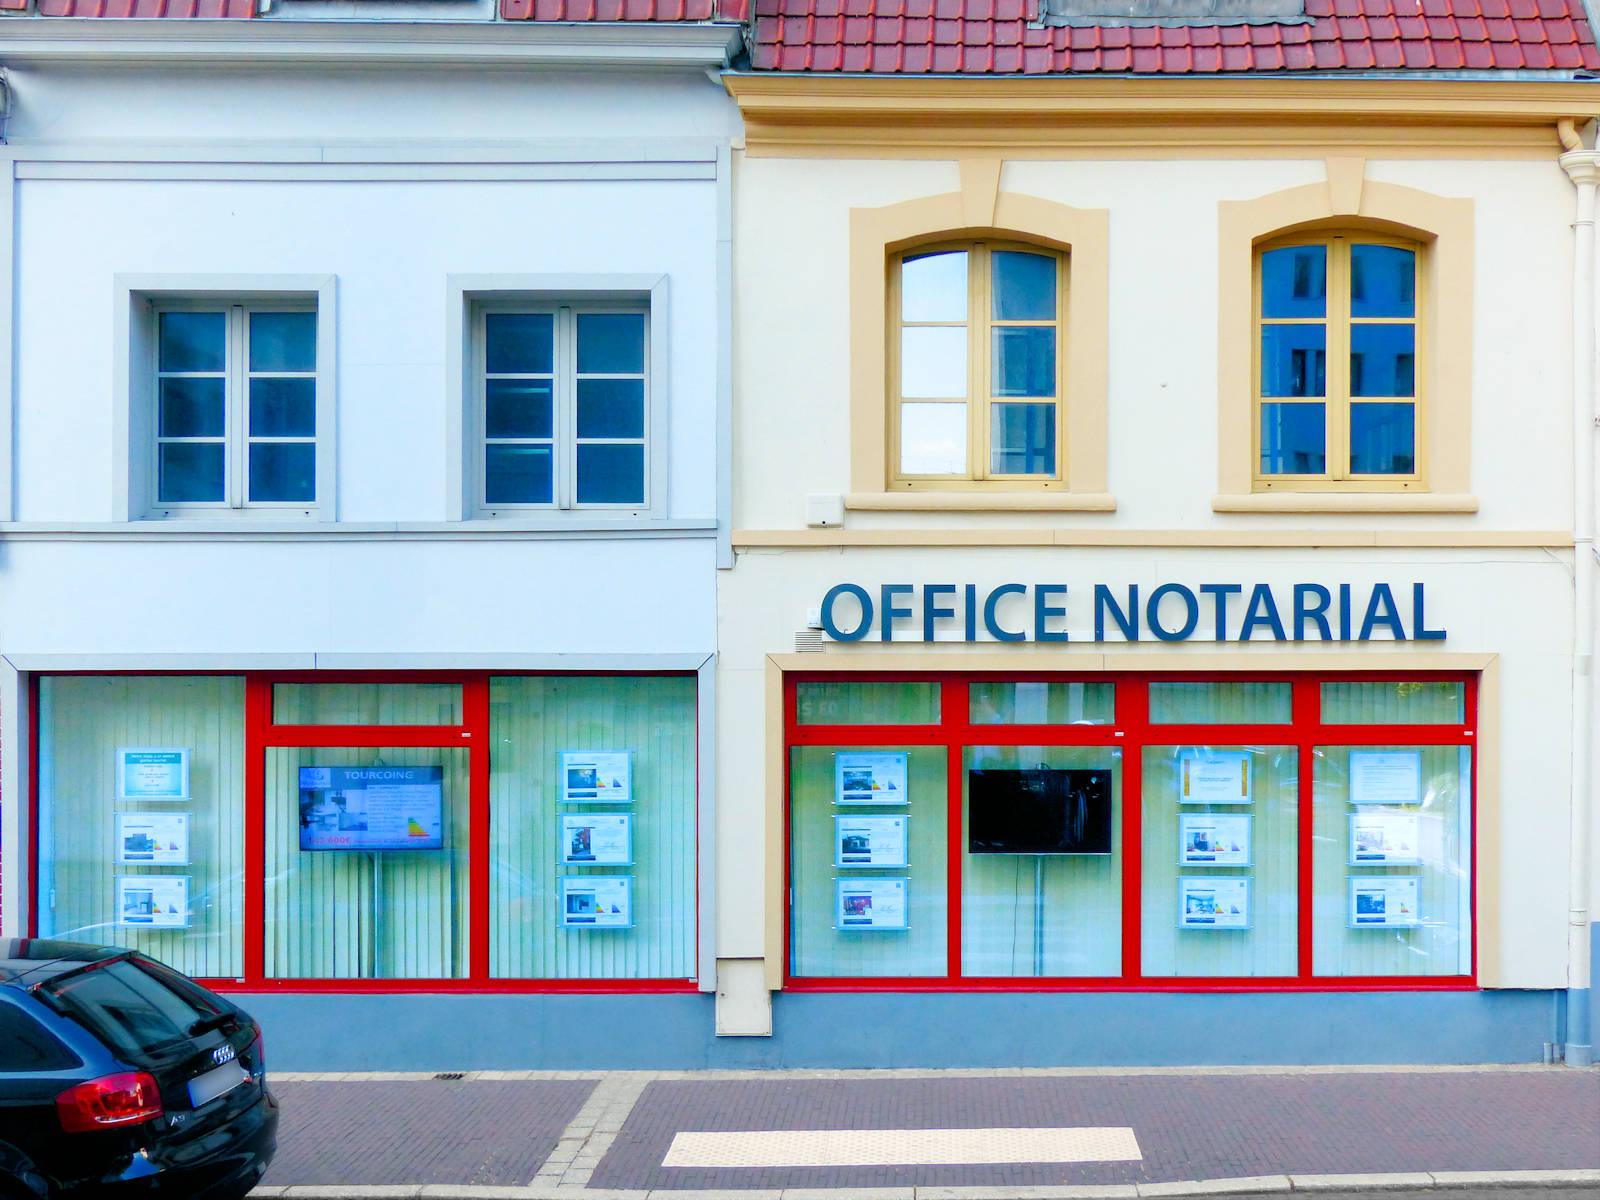 Office notarial Tourcoing - Adrover Huet Hibon